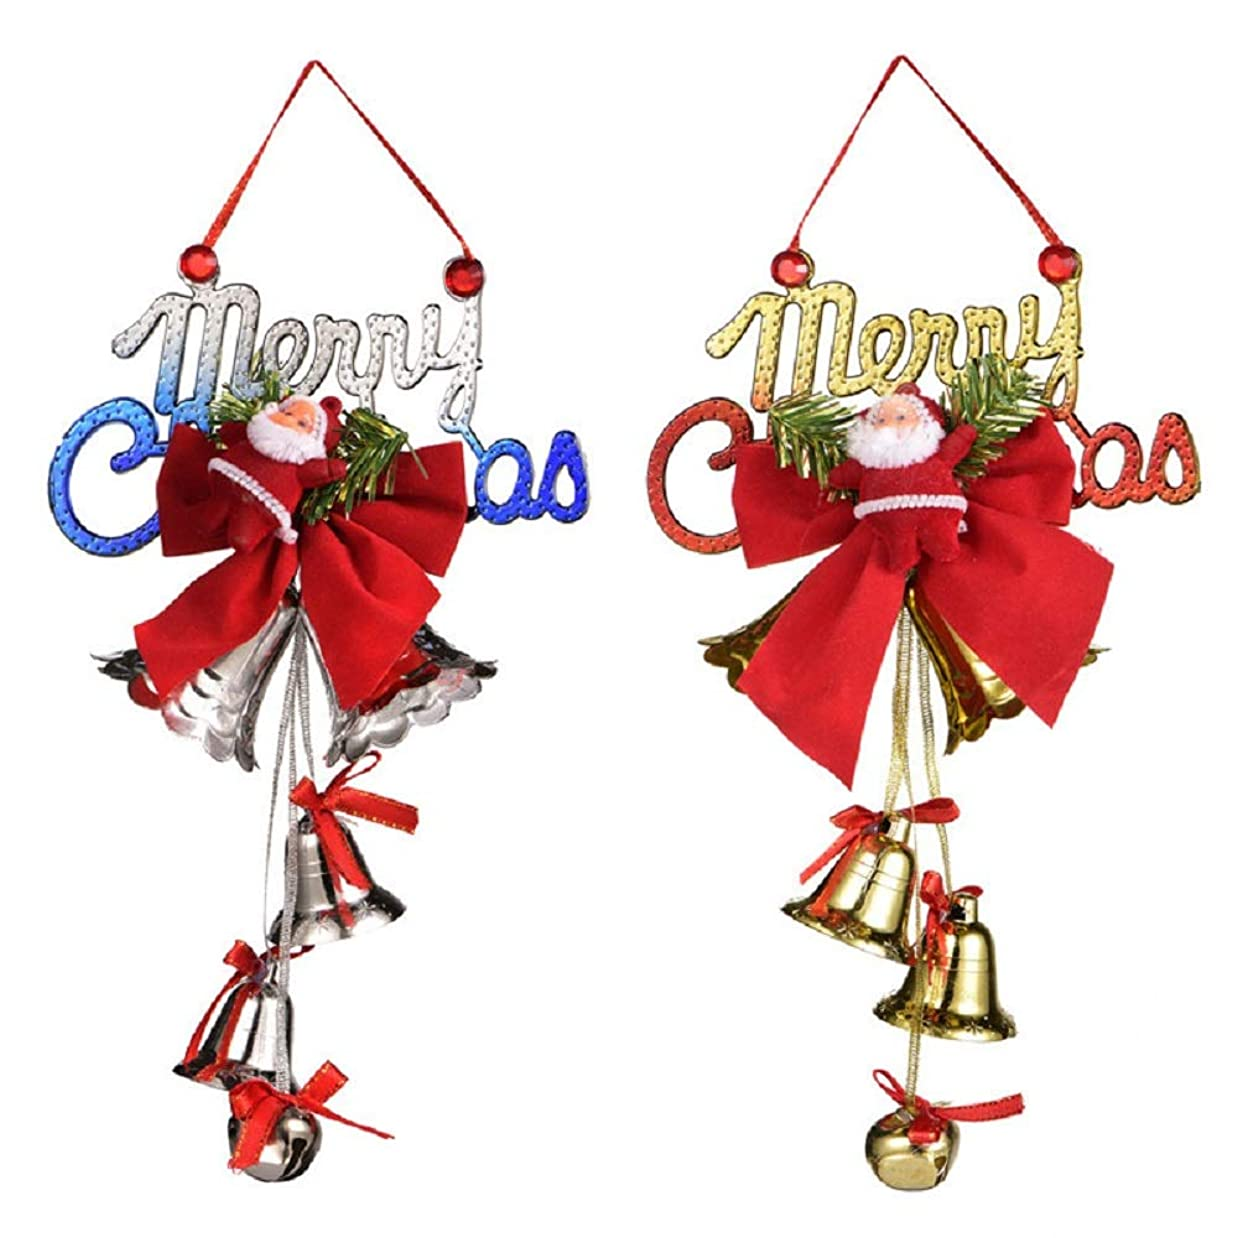 一定インシデントプレーヤークリスマスベル クリスマス鈴 クリスマス飾り付けセット サンタクロース ベル クリスマスオーナメント クリスマスツリー 飾り クリスマス雰囲気満点 可愛い 華やか 雑貨 2個セット